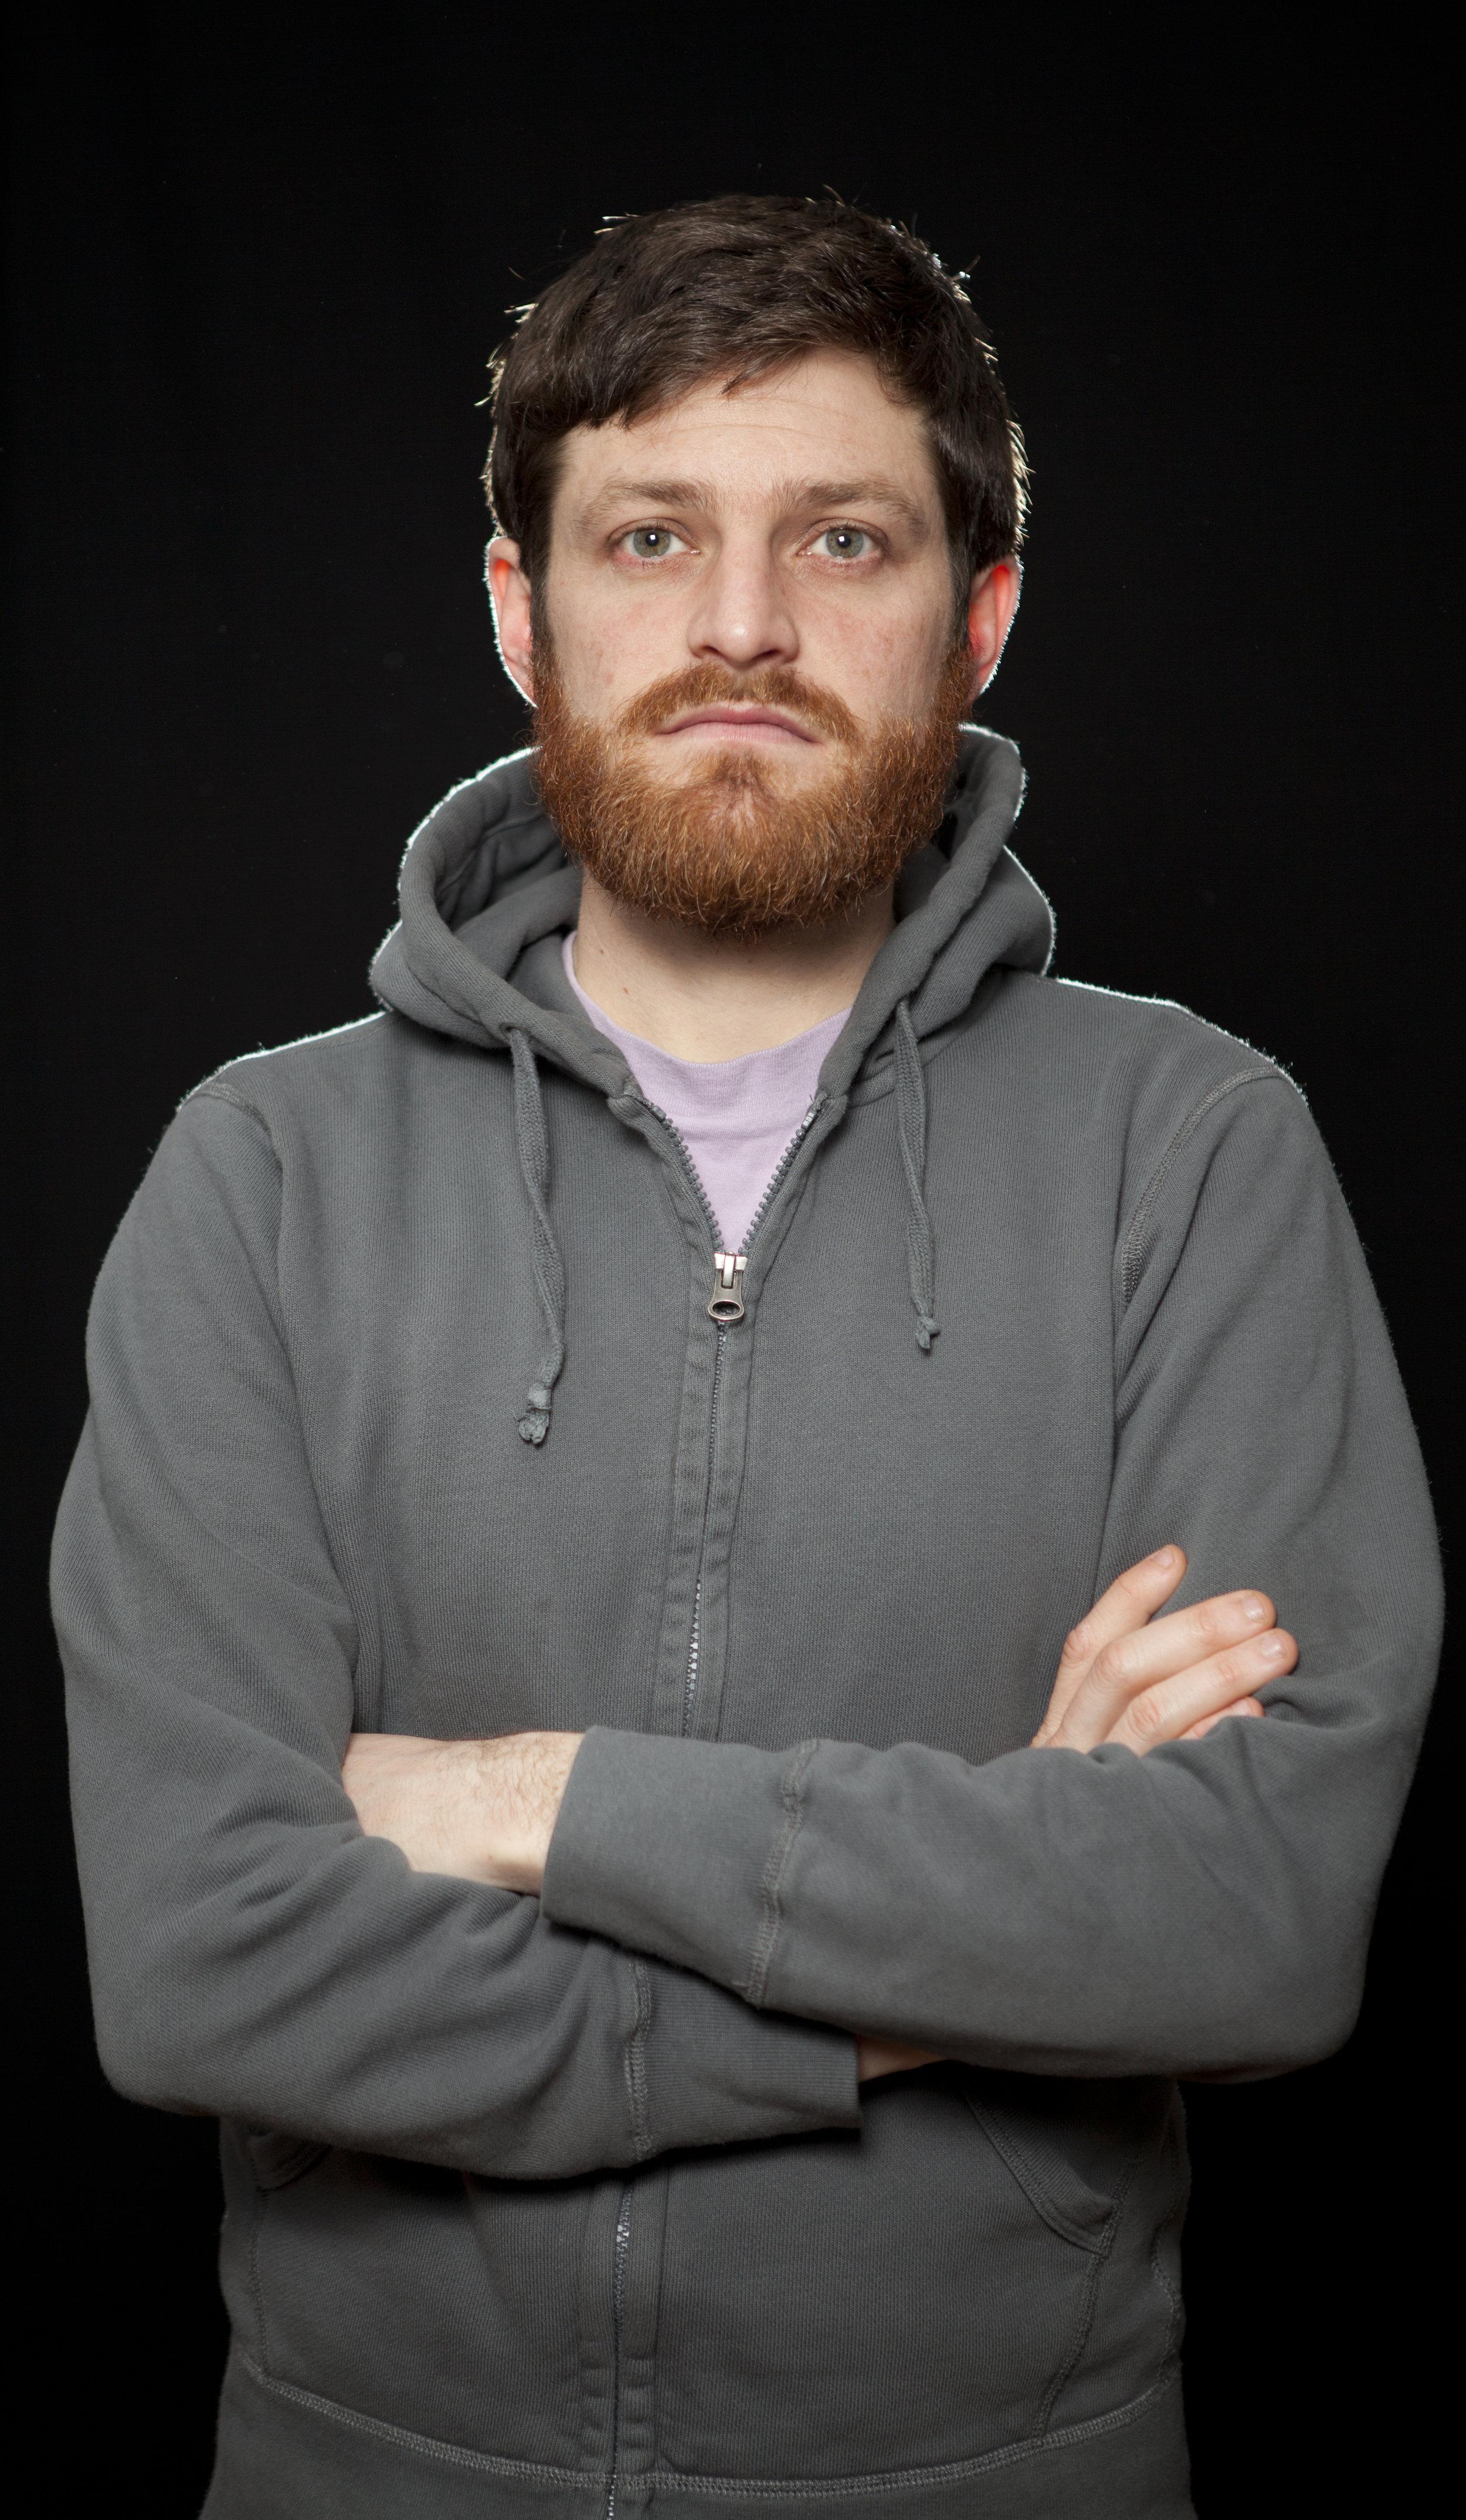 #7 - Director Jason Sussberg. Photo courtesy of Erika Kapin